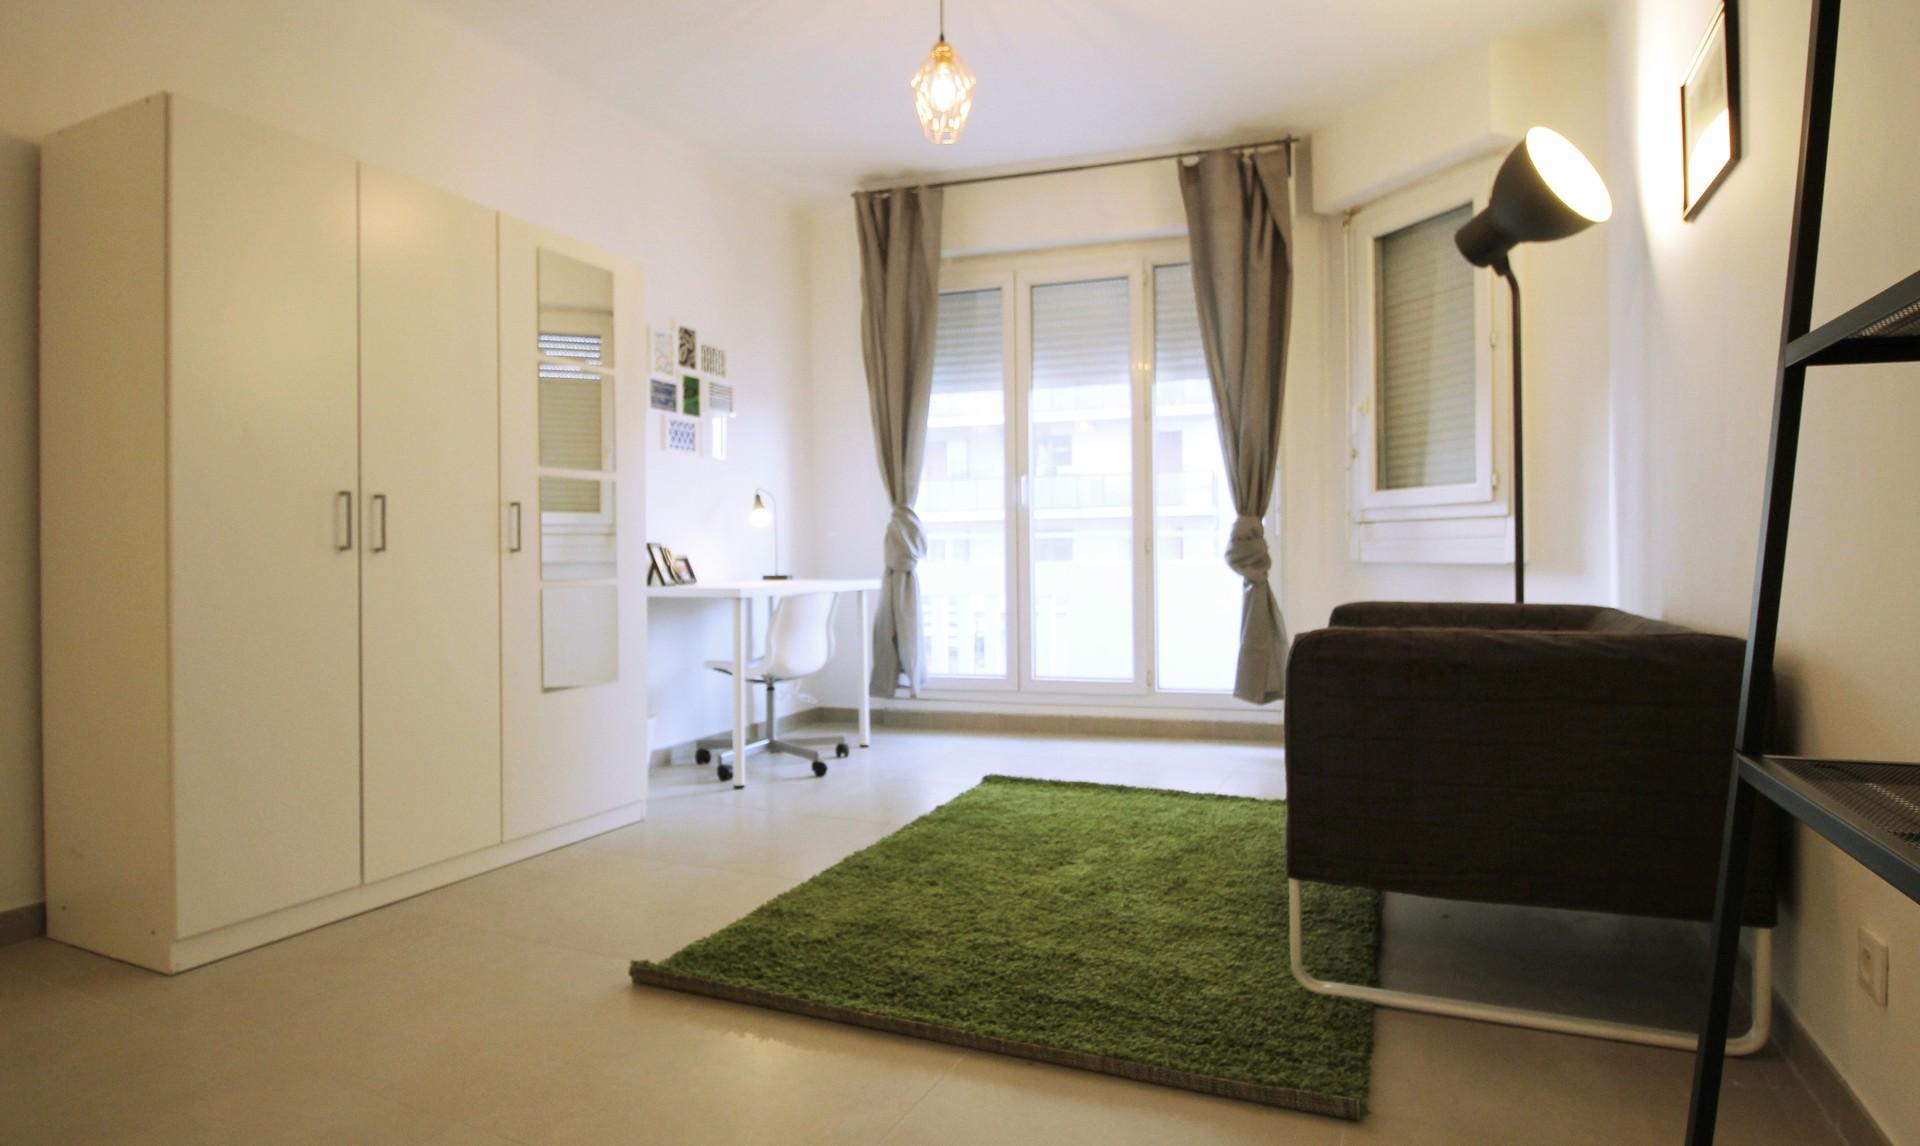 Grande chambre meubl e dans appartement refait neuf location chambres marseille - Chambre a louer marseille ...